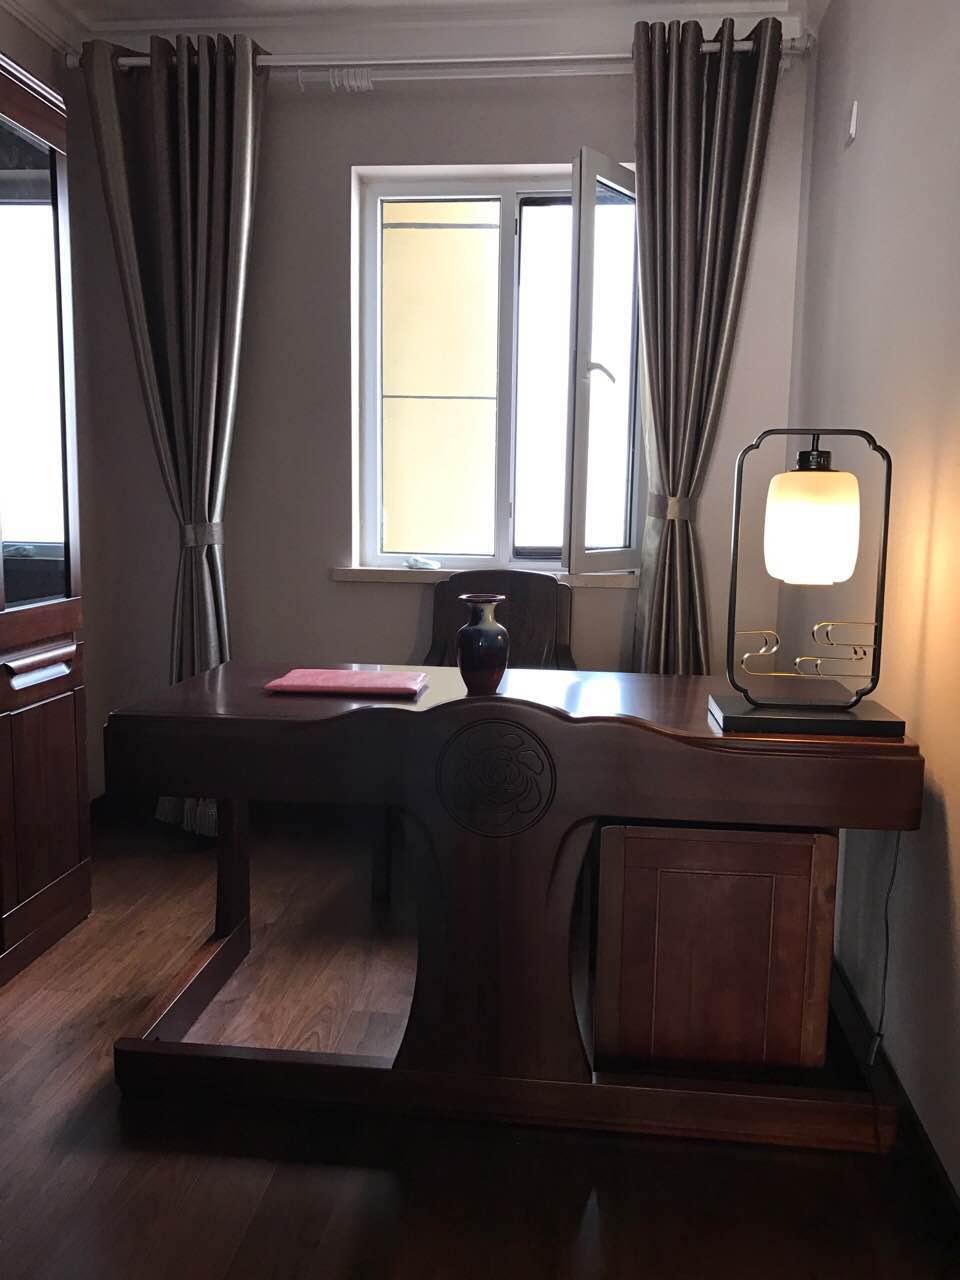 具有书卷气息的书房是整个空间最有特色的一间,全部采用红木家具,案例中精巧的工字型办公桌极有设计感。